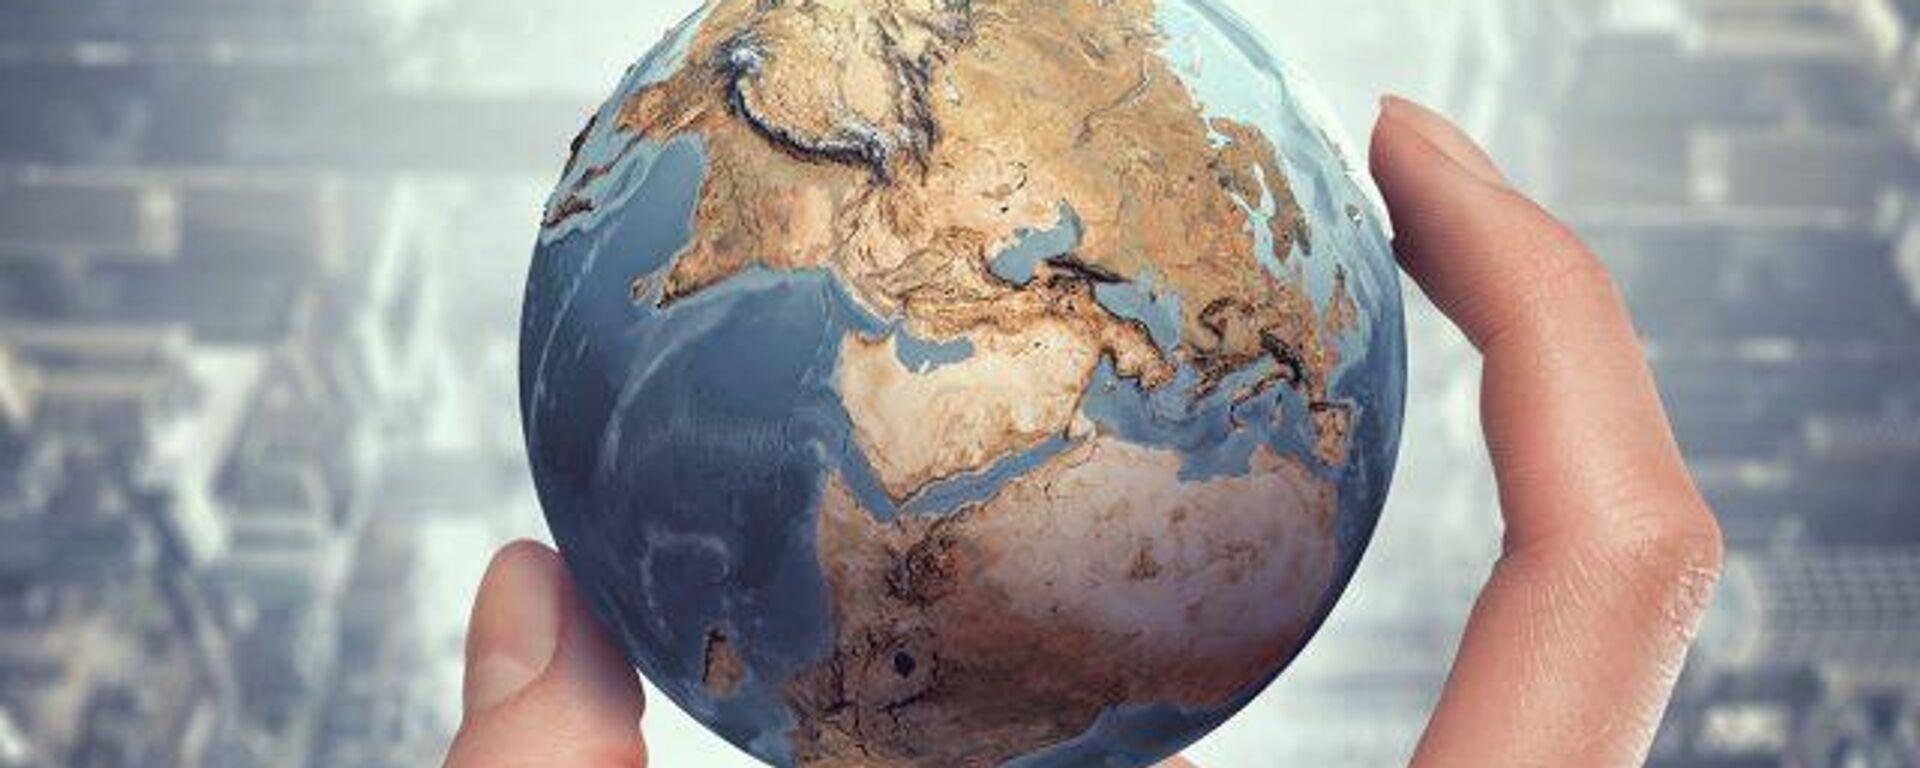 Perú: Castillo más cerca de la presidencia y Fujimori de un nuevo fracaso - Sputnik Mundo, 1920, 13.07.2021